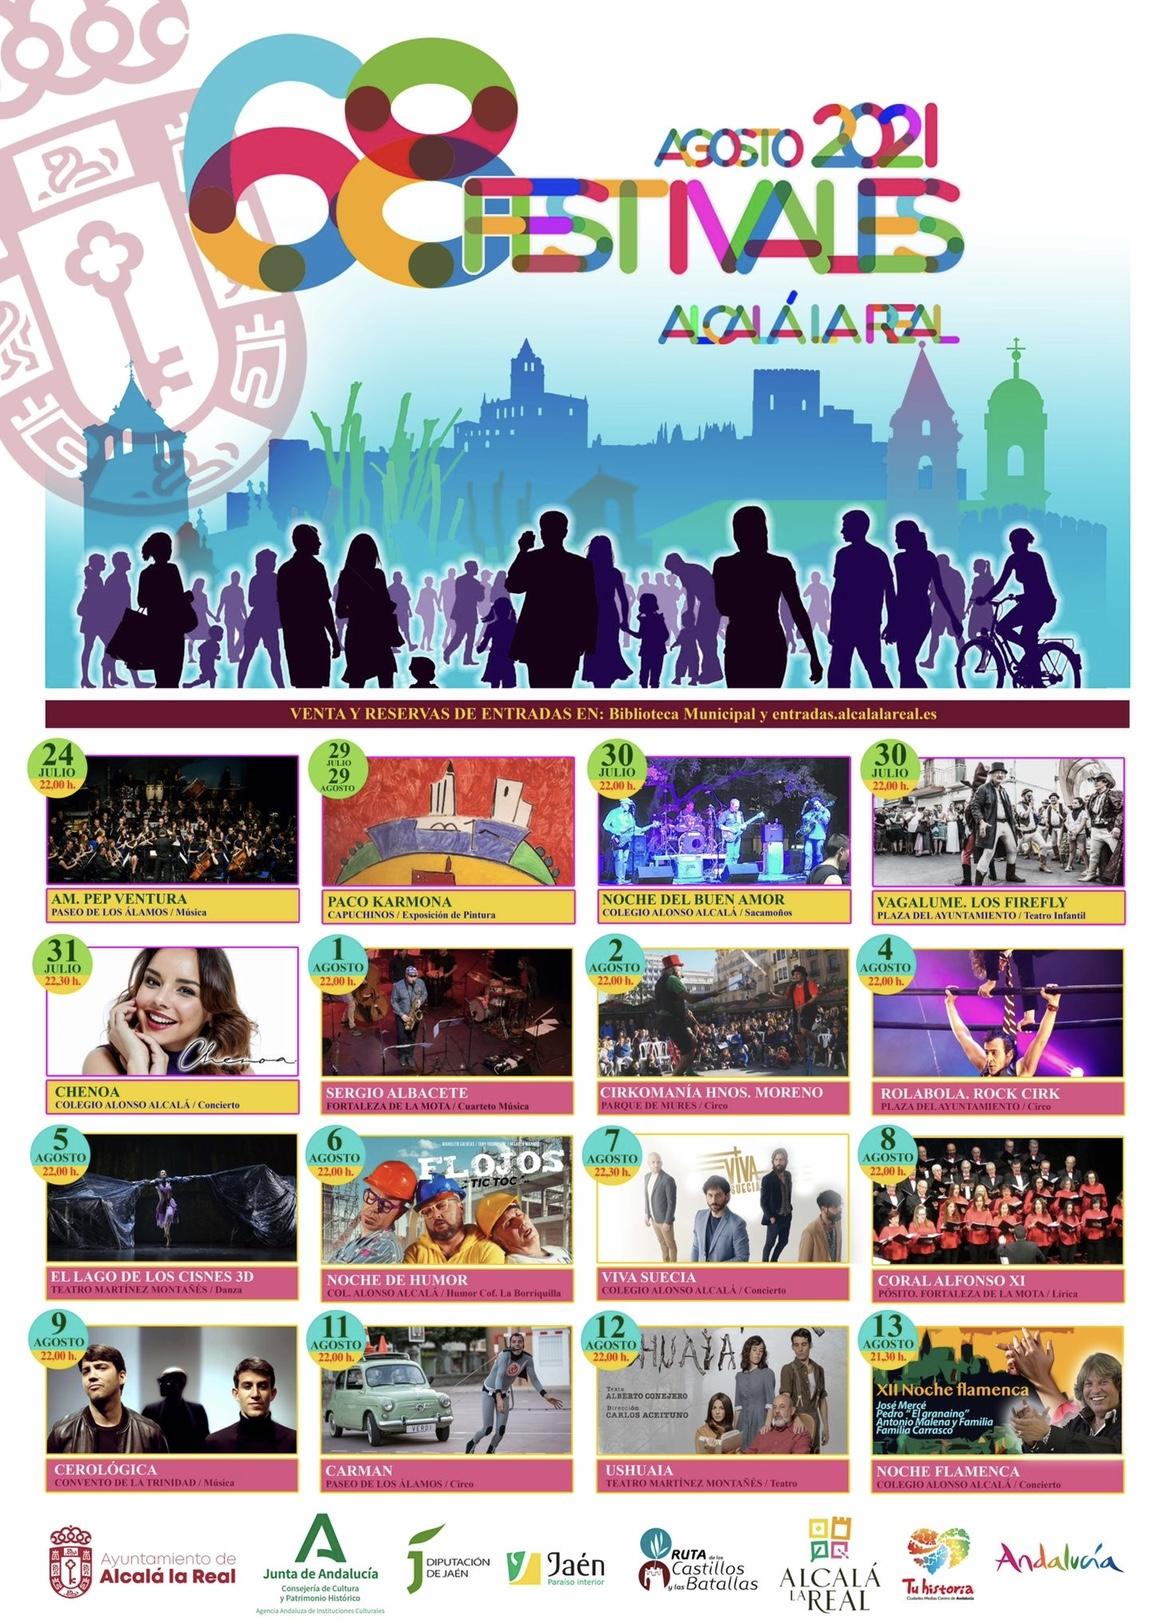 Presentación Festivales 2021